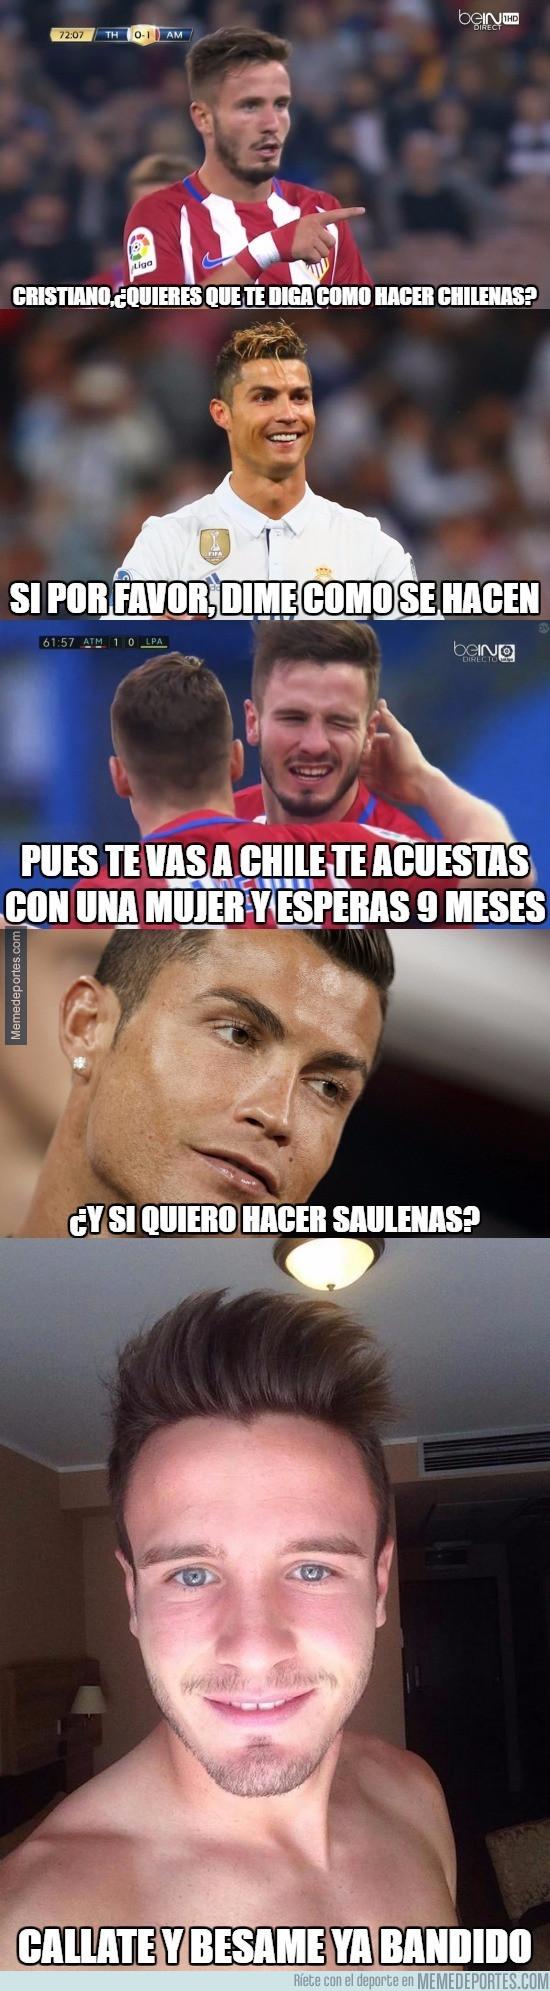 982527 - Saúl vuelve a marcar de chilena y le quiere enseñar a Cristiano: ( ͡° ͜ʖ ͡°)